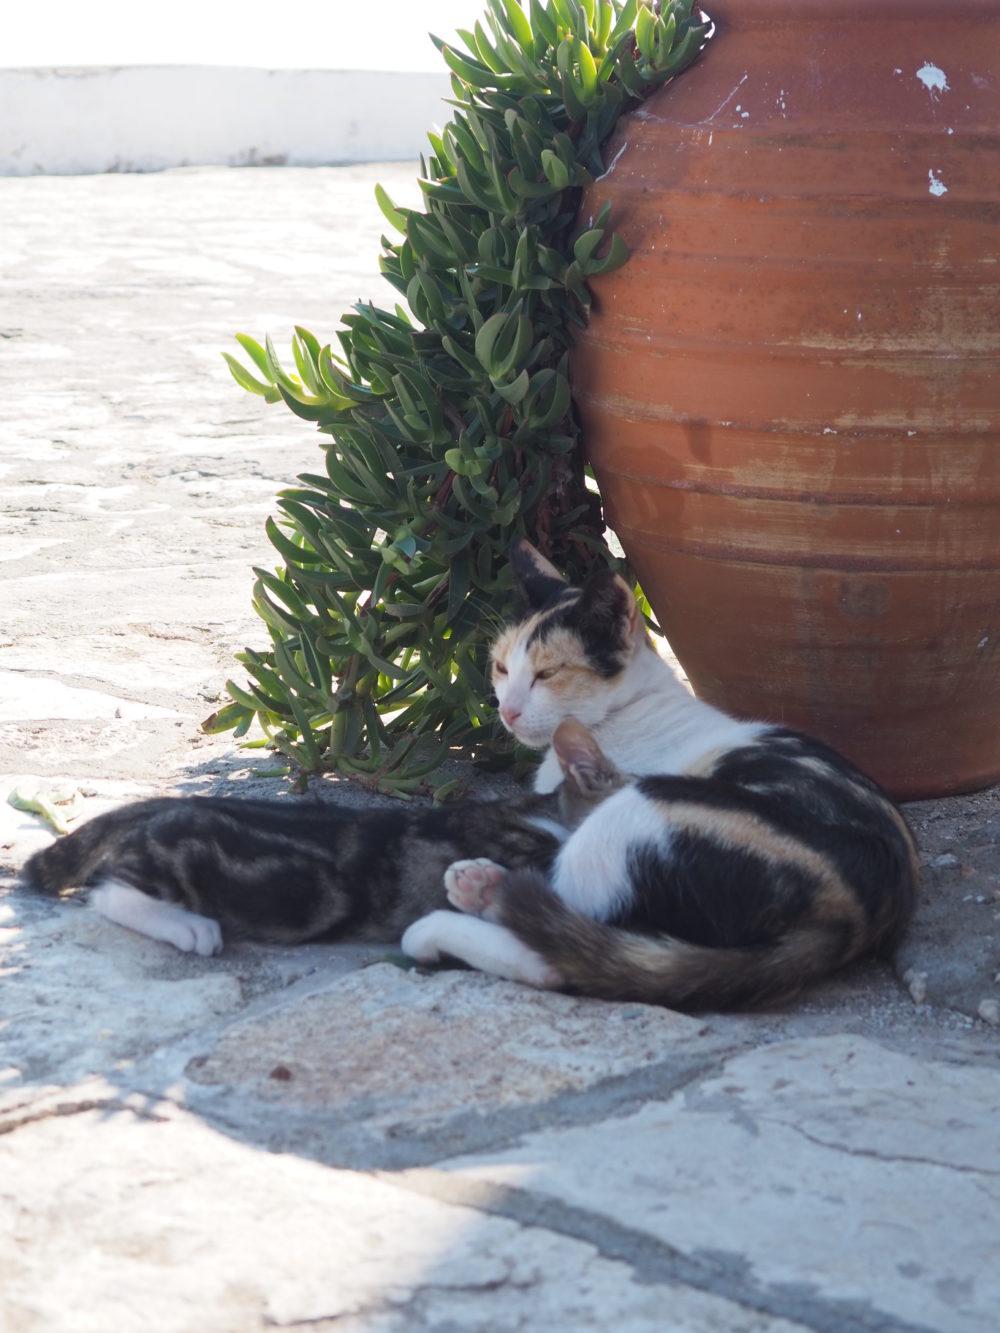 podróżowanie z kotem, kotka karmi kocię - fot. Jagna Kudła - behawiorysta, weterynarz